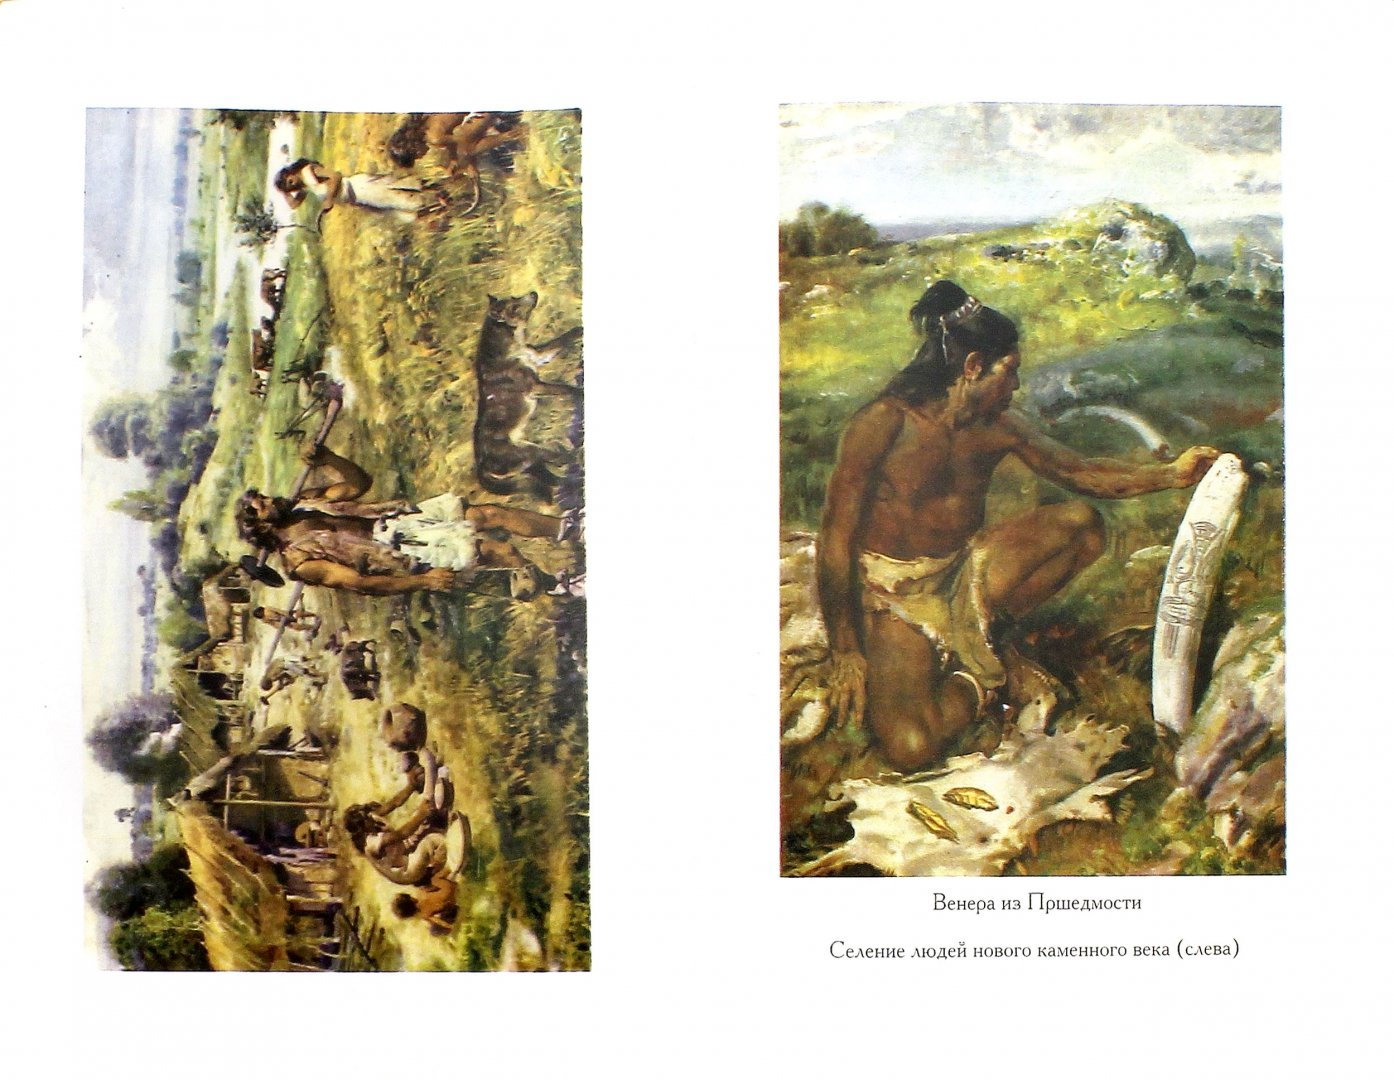 Иллюстрация 1 из 7 для Древние люди - Е. Кют | Лабиринт - книги. Источник: Лабиринт